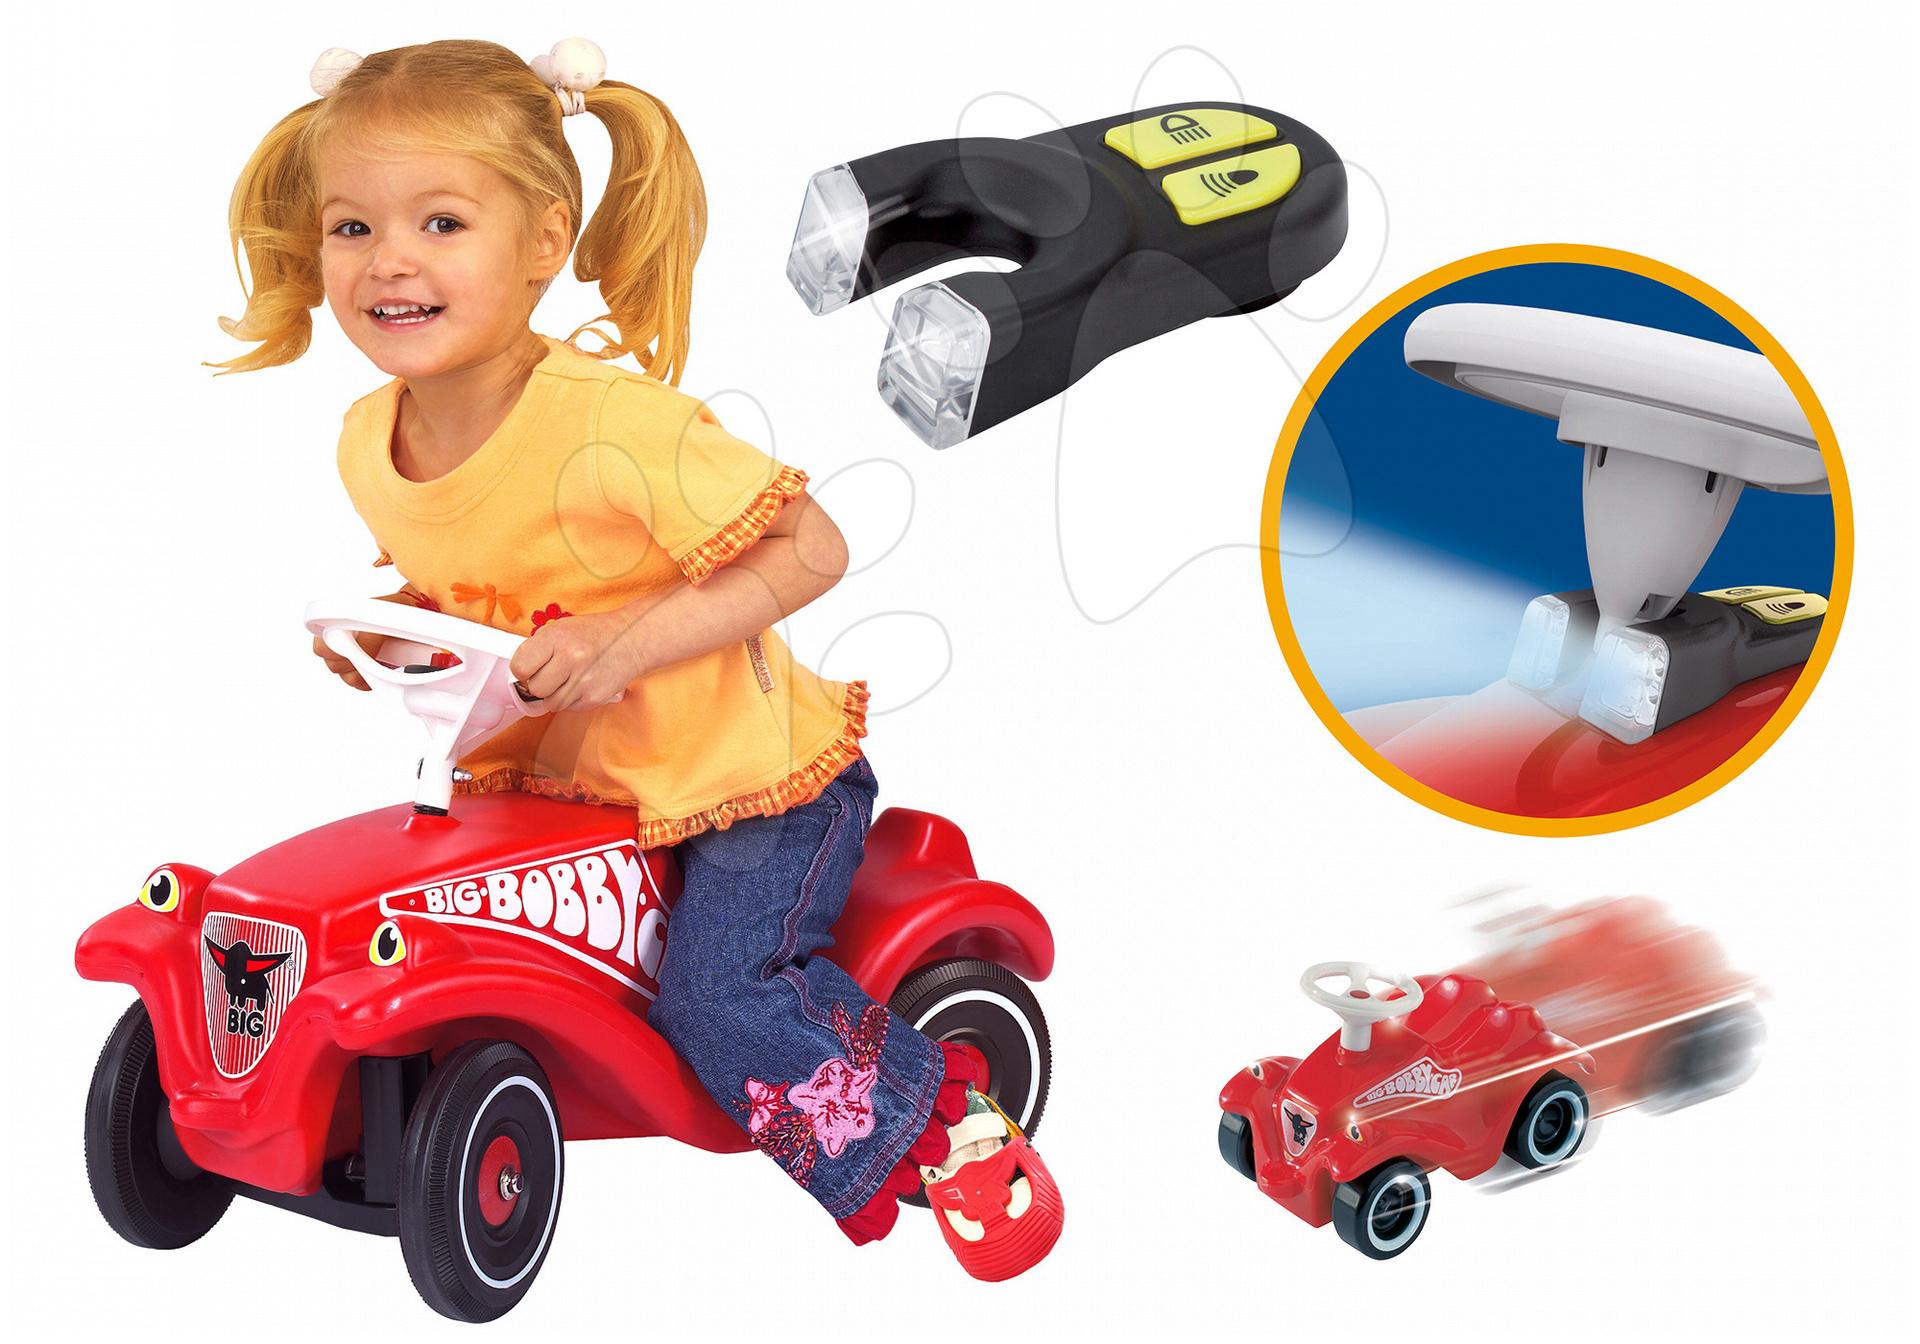 Odrážadlá sety - Set odrážadlo Bobby Classic BIG s klaksónom červené so svetlami na batérie a autíčko Mini Bobby na naťahovanie od 12 mes